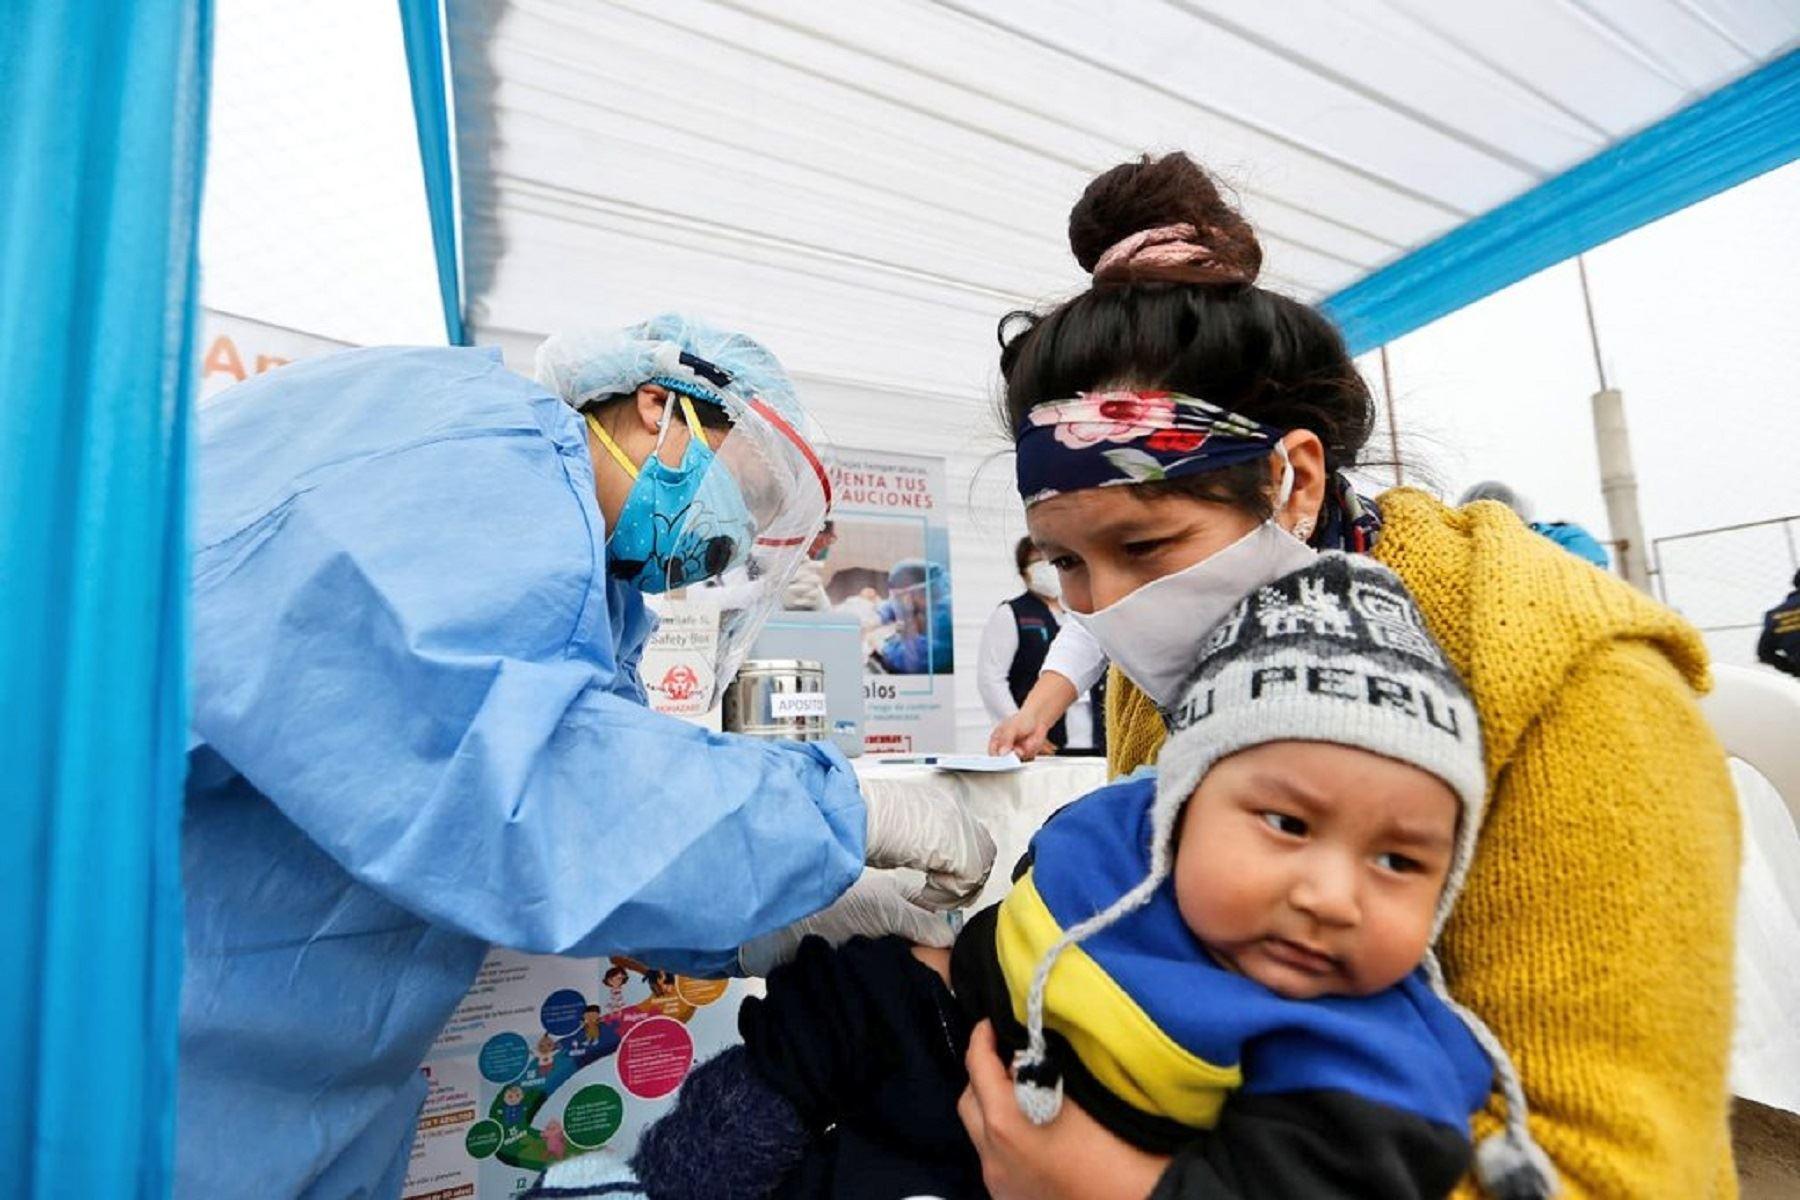 El Ministerio de Salud brinda vacunación, tamizaje de anemia y descarte de Covid-19 a niños, gestantes y adultos mayores del asentamiento humano Lomas de Amauta de Ate. Foto: MIinsa,